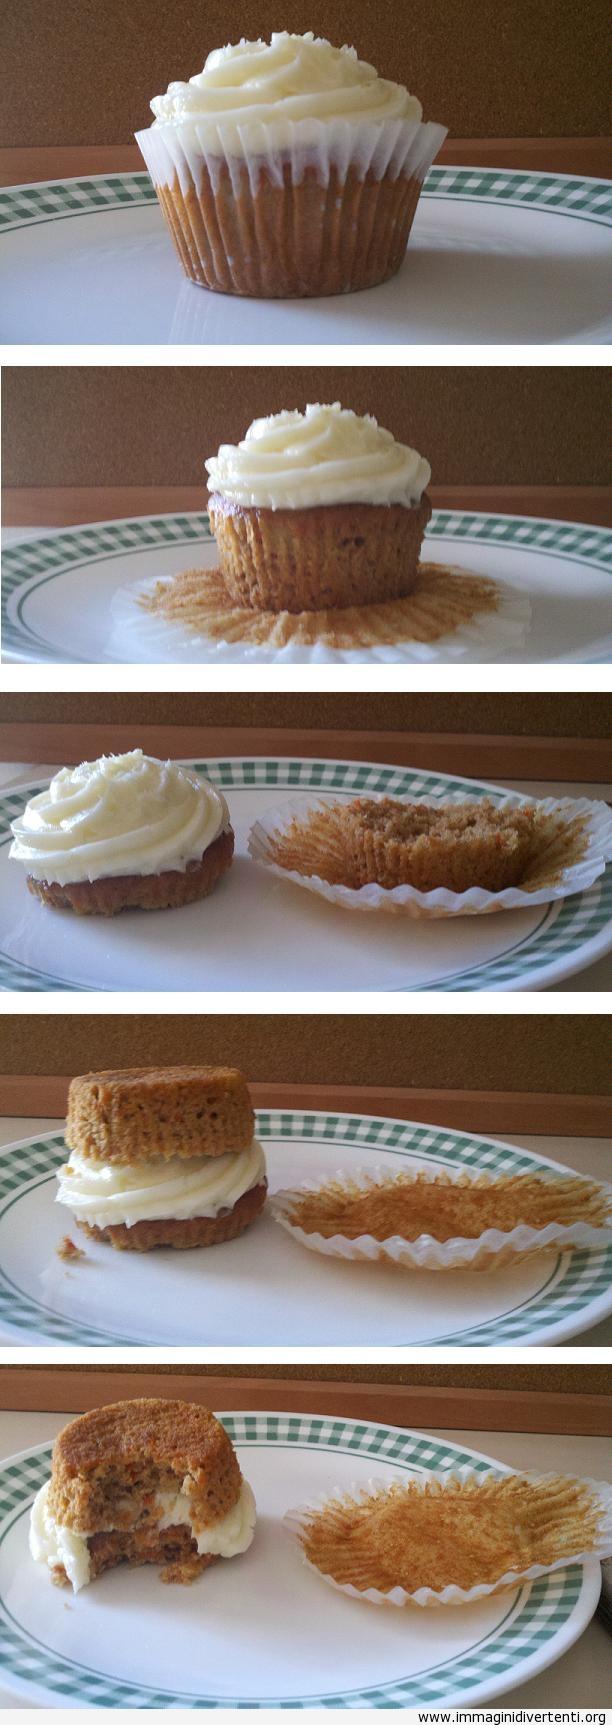 Metodo migliore per mangiare Cupcake immaginidivertenti.org